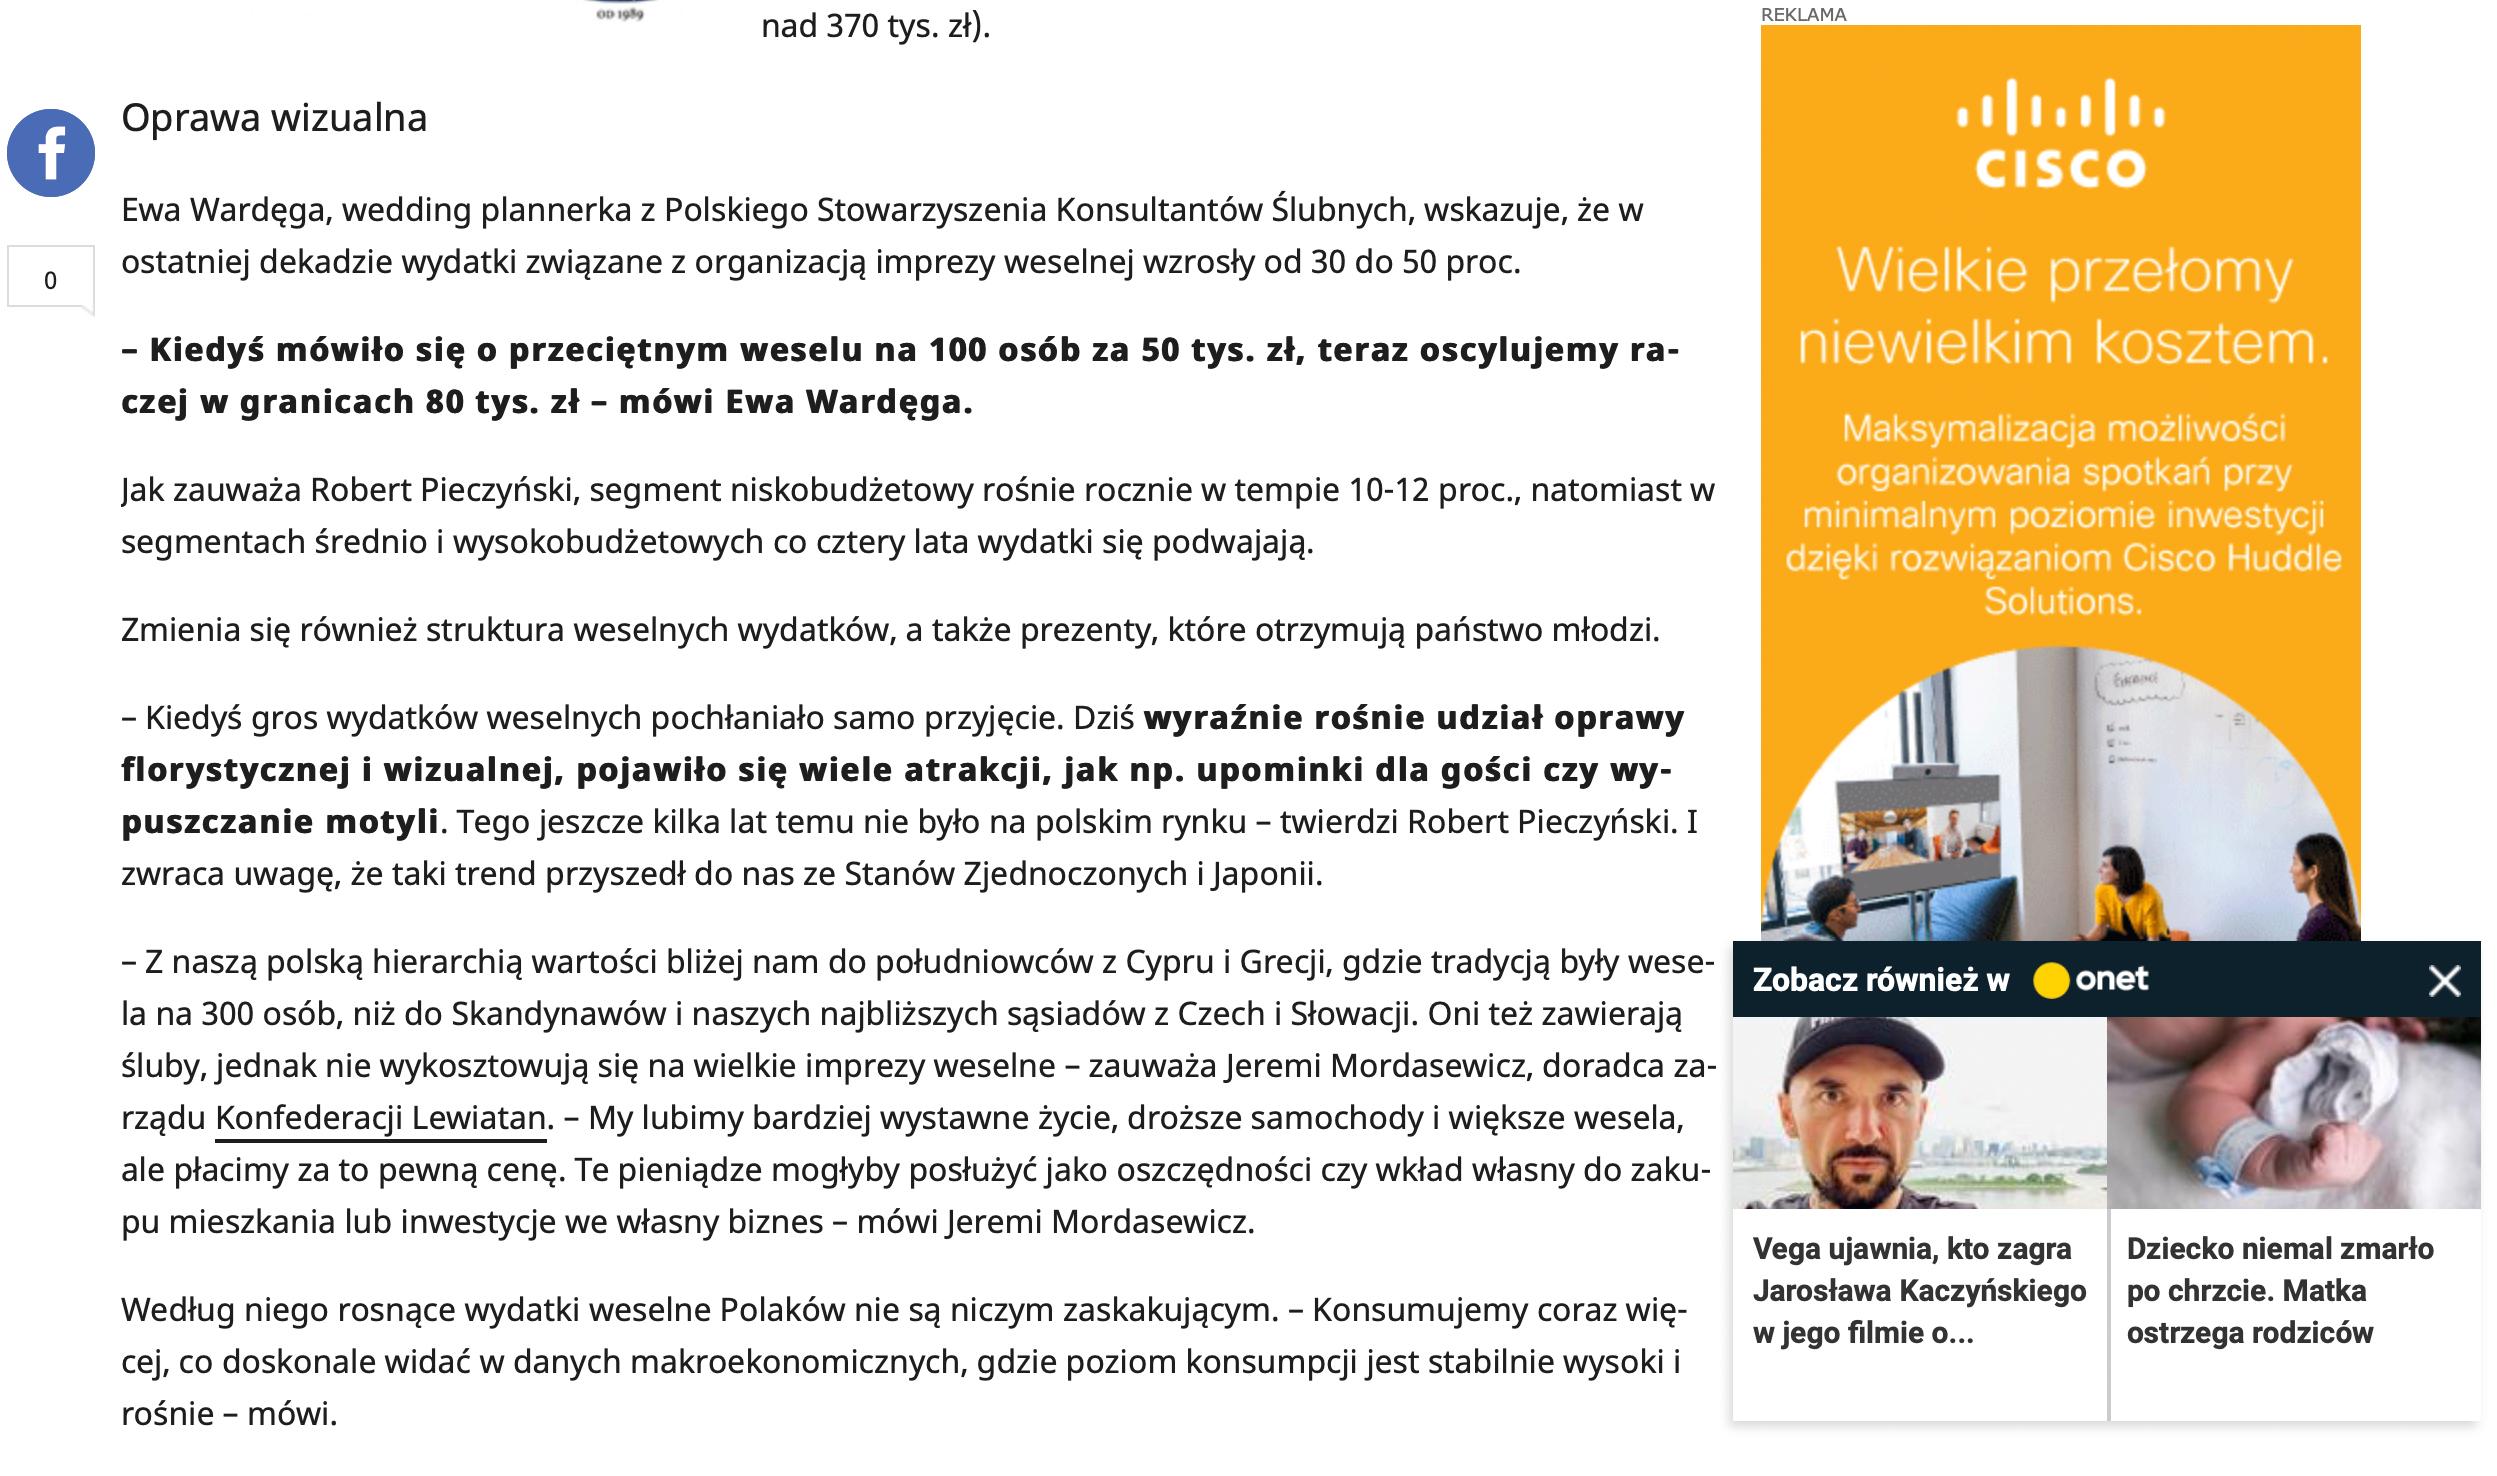 Forbes-Pieczyński-DecorAmor-Polskie-Stowarzyszenie-Wedding-Plannerów-03